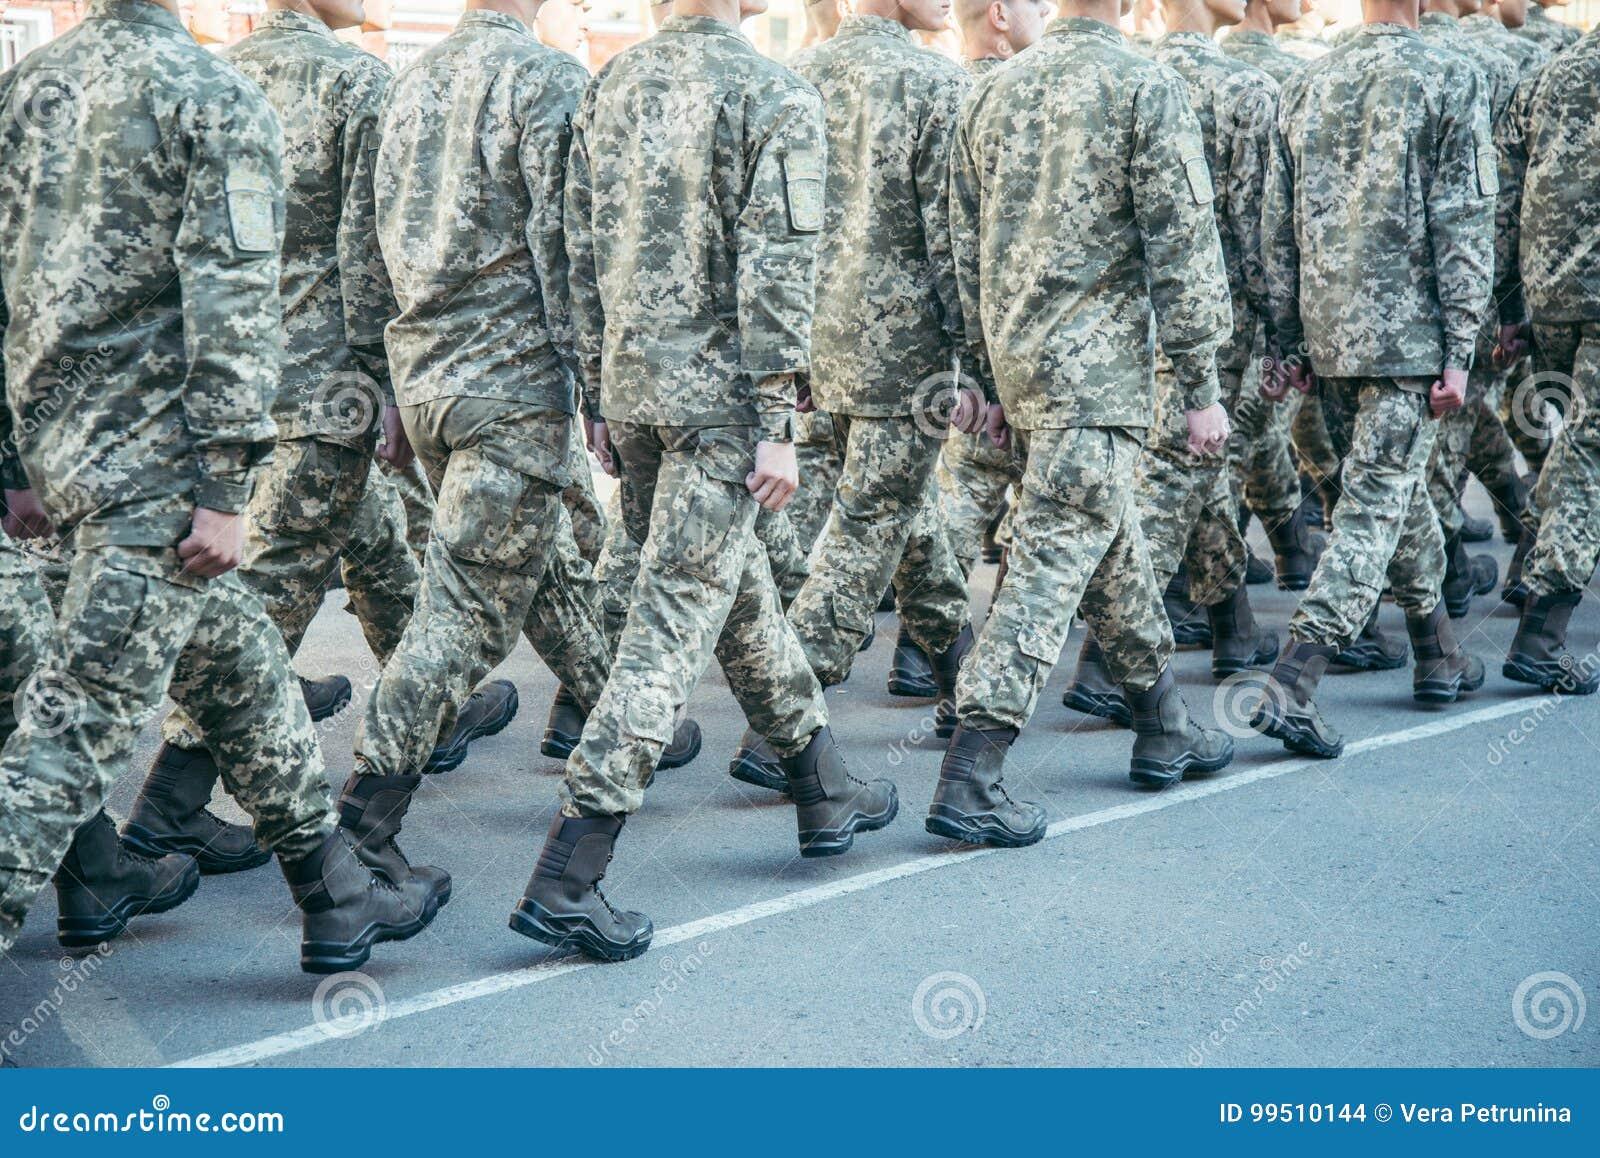 Paseo del ejército de las botas de los militares la tierra de desfile